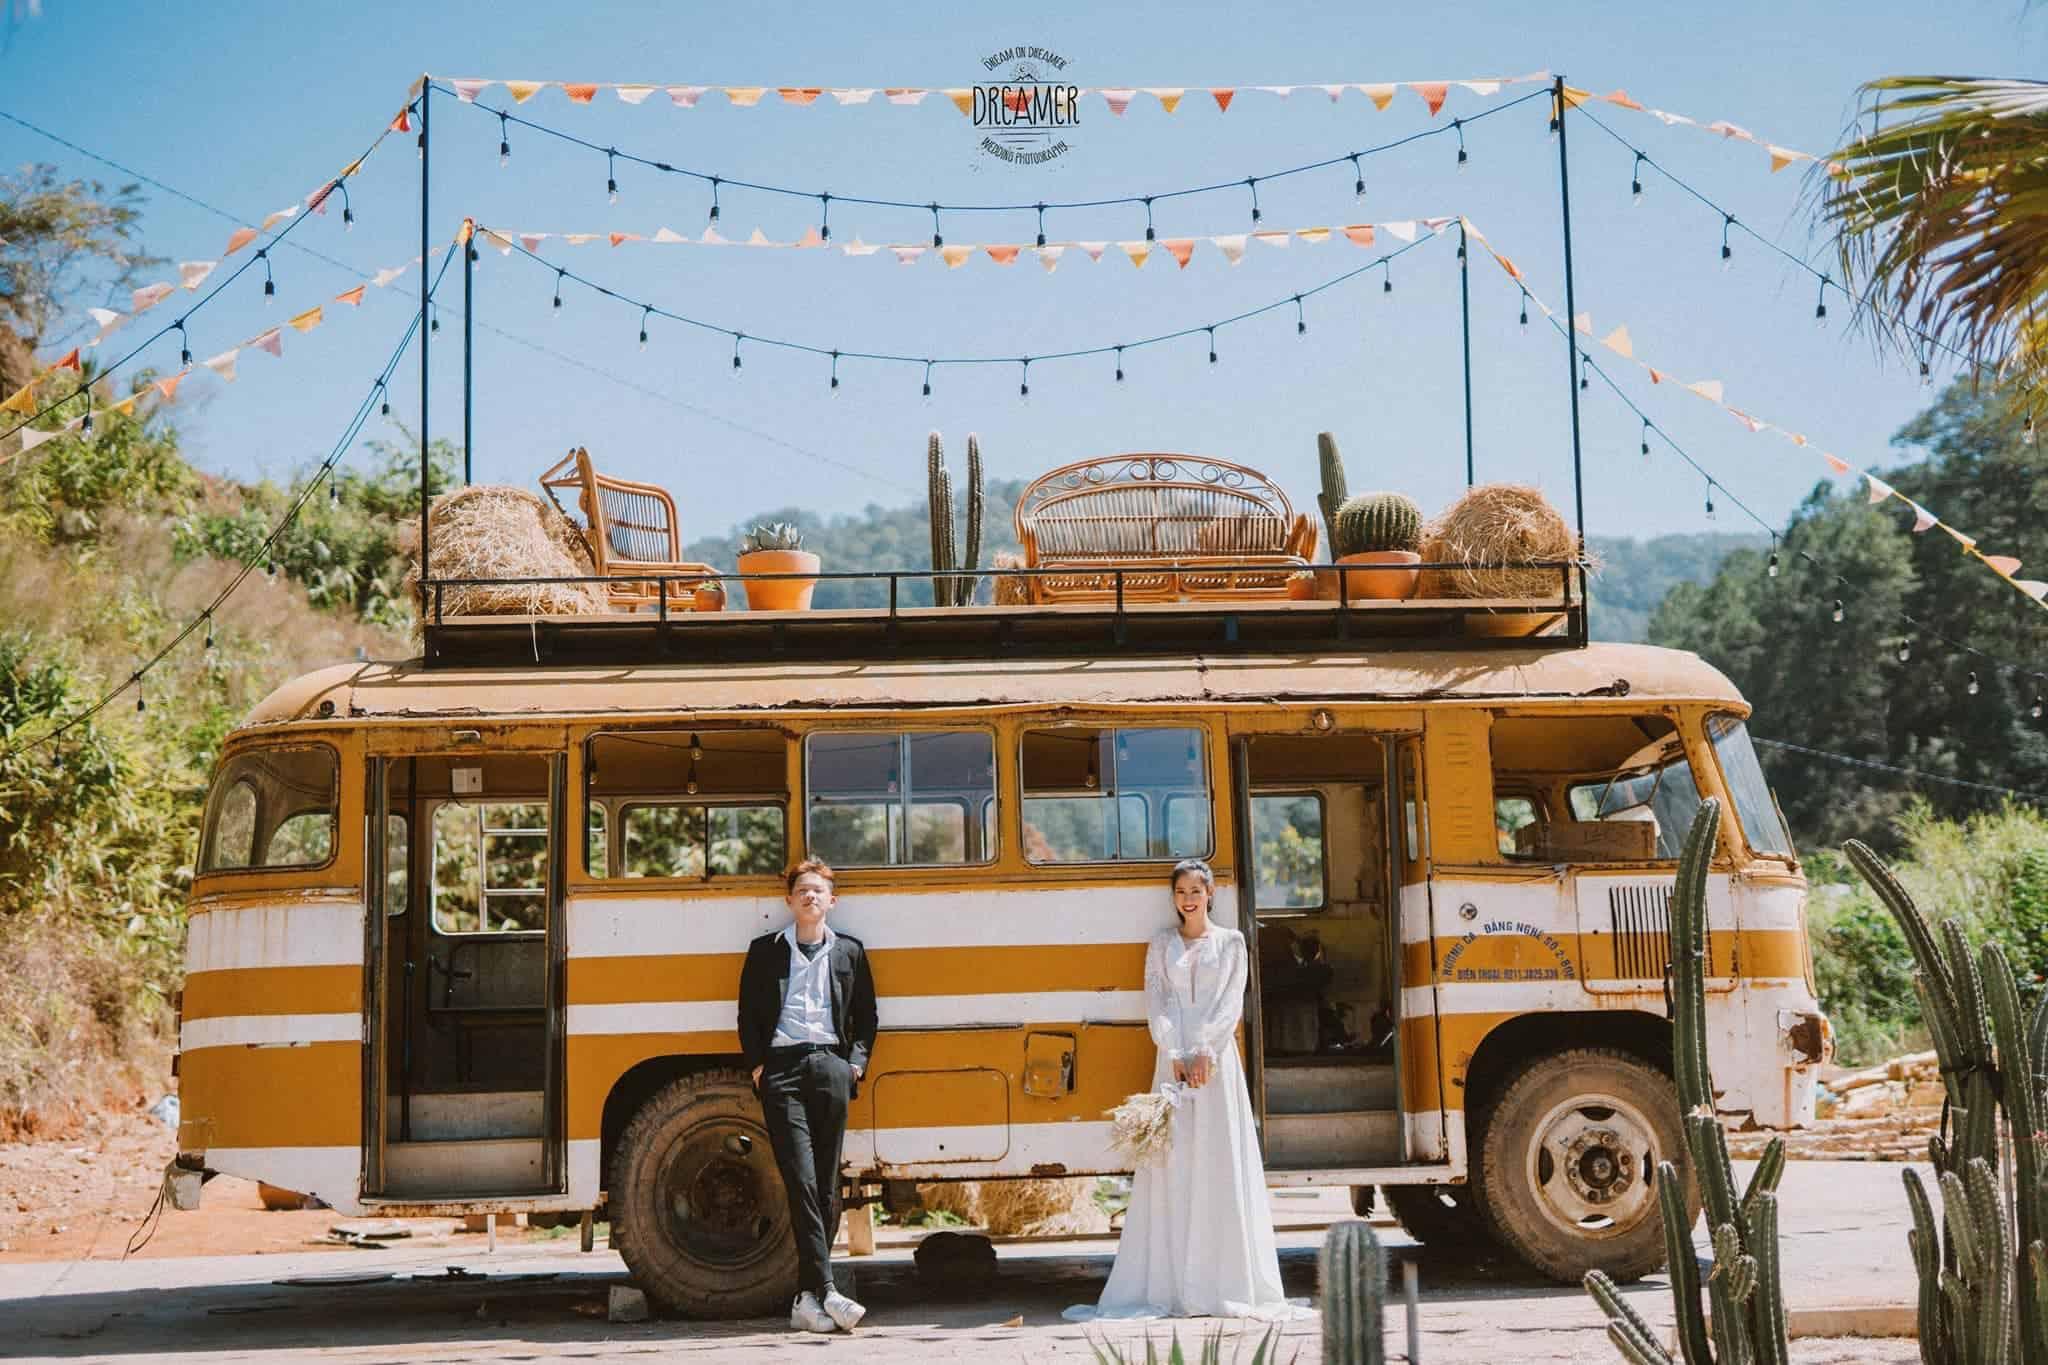 Đây cũng là địa điểm được các bạn trẻ chọn là nơi chụp hình cưới. HÌnh: Sưu tầm